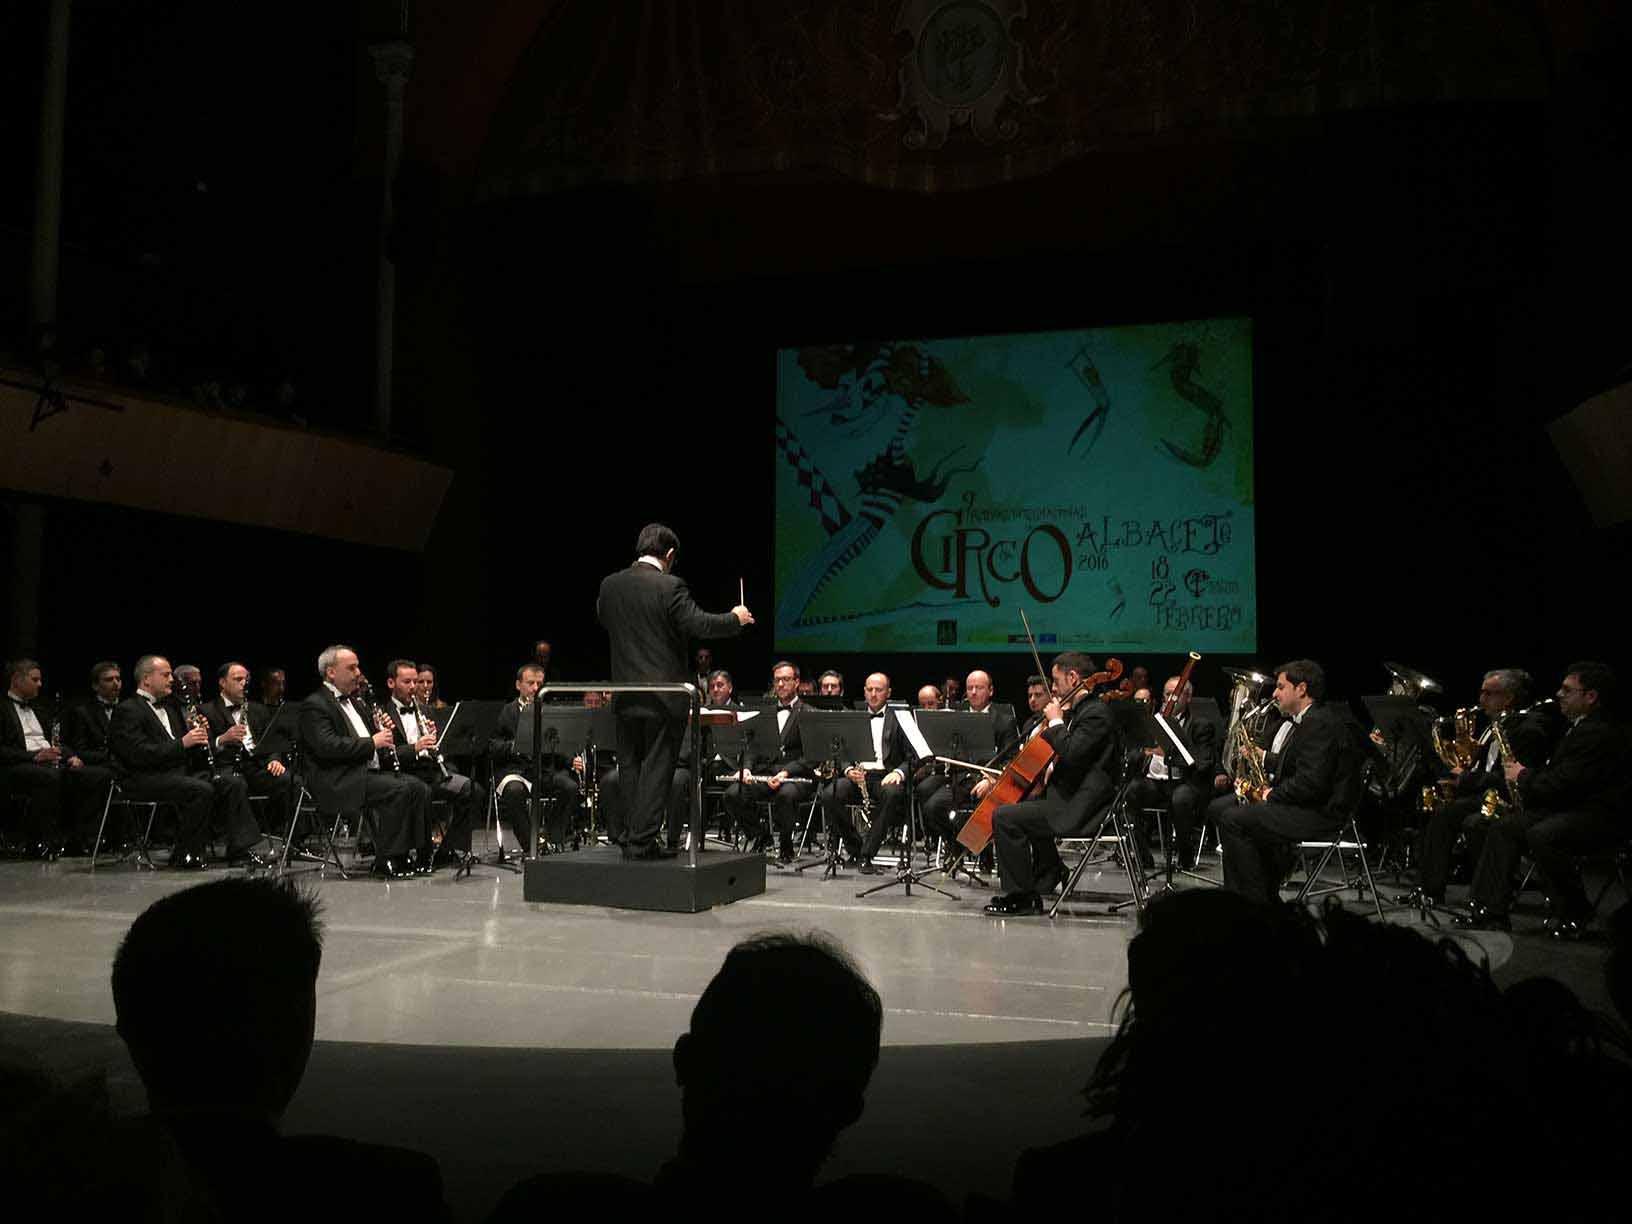 Concierto Festival Internacional de Circo de Albacete